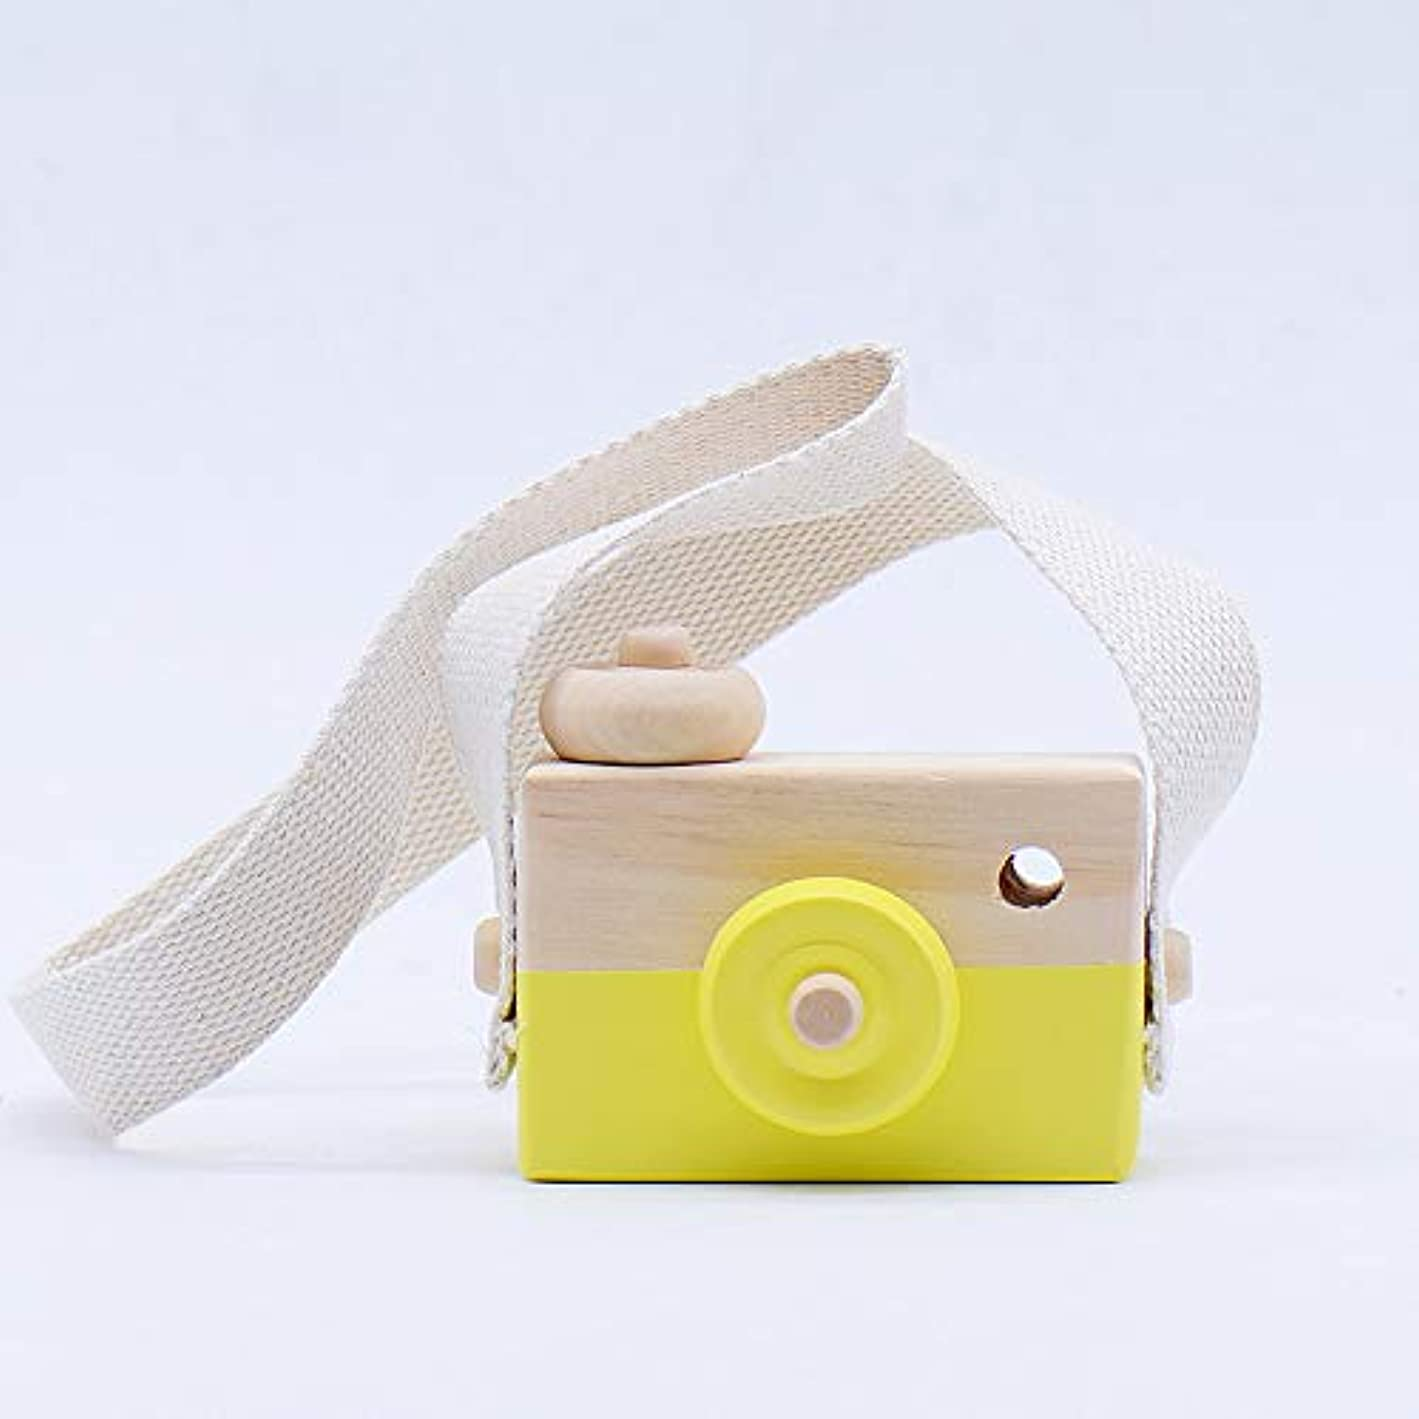 固執アレキサンダーグラハムベル鷹ミニかわいい木製カメラのおもちゃ安全なナチュラル玩具ベビーキッズファッション服アクセサリー玩具誕生日クリスマスホリデーギフト (黄)